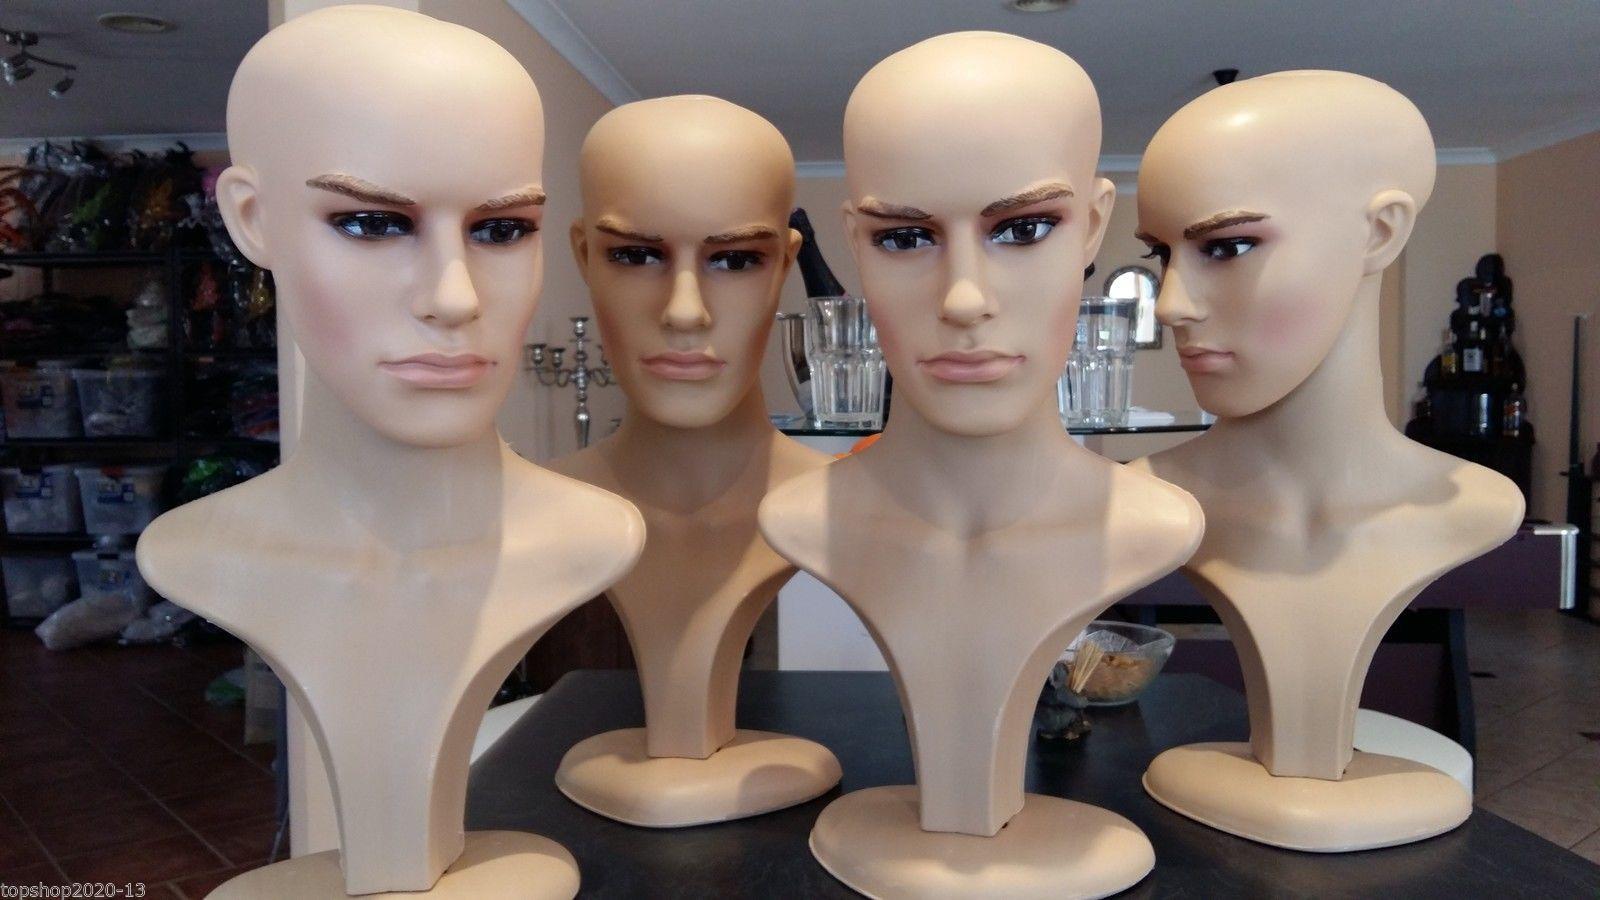 Манекены «следят» за покупателями с помощью скрытых камер